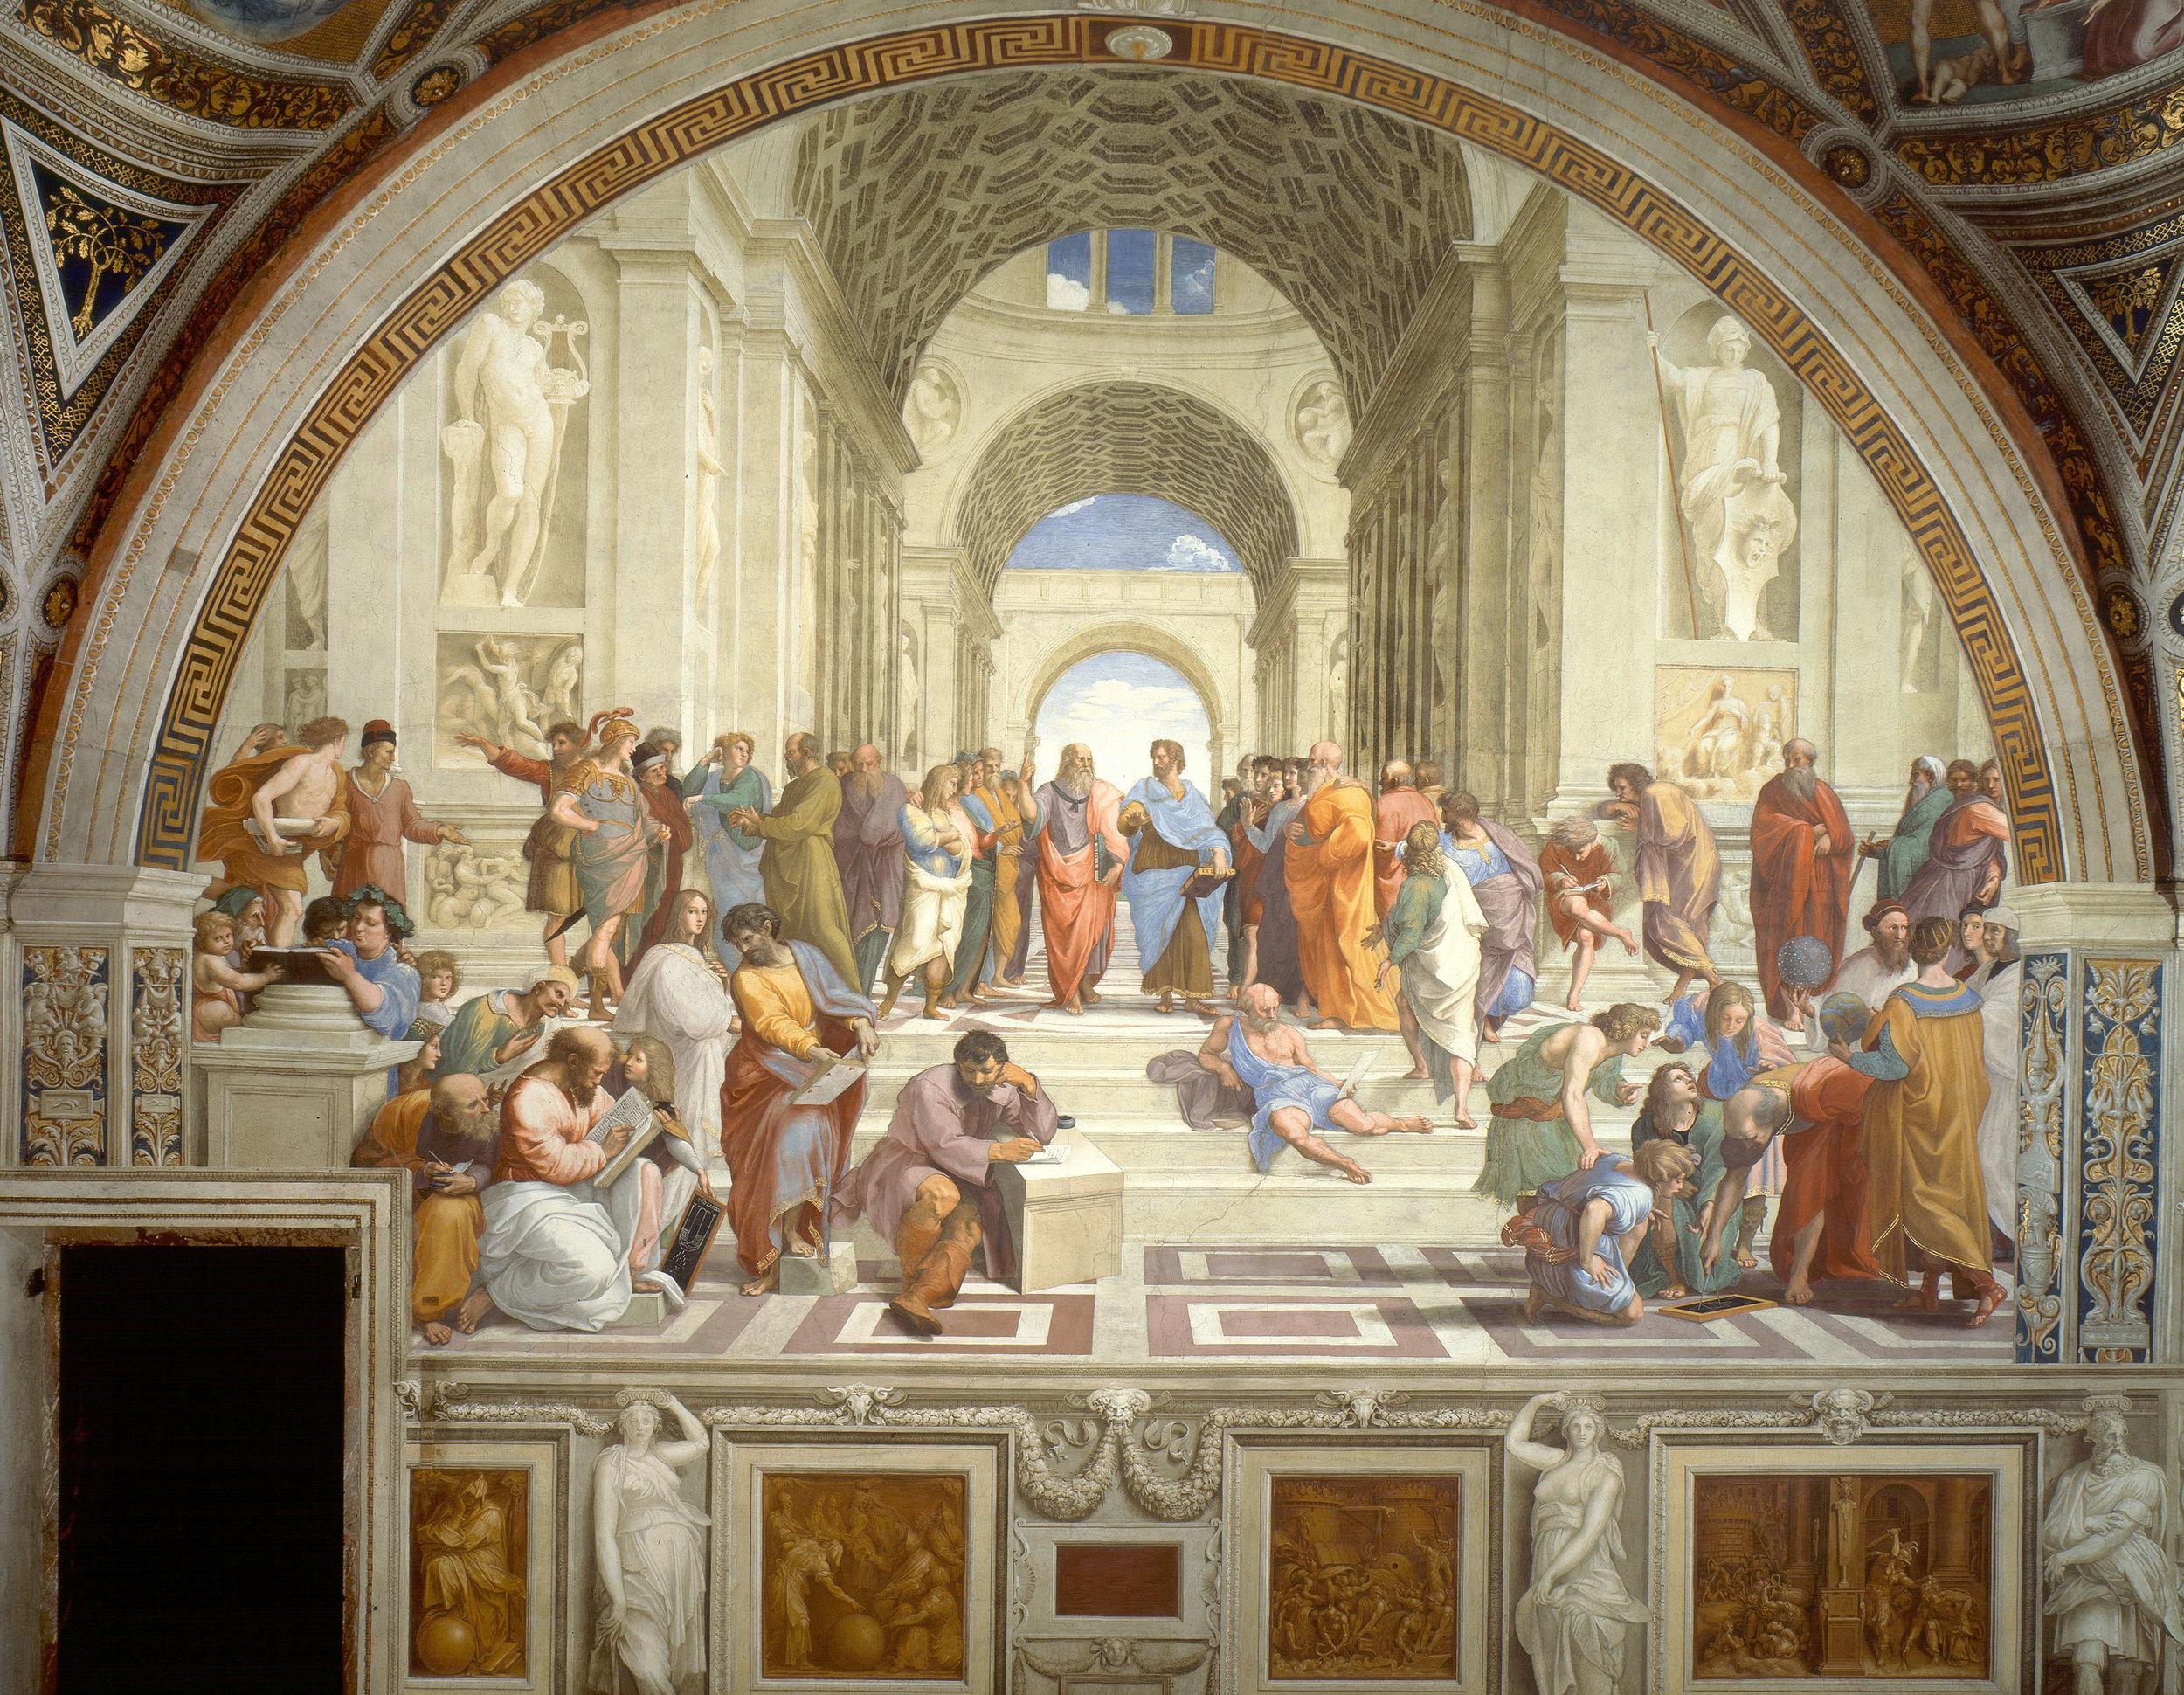 The School of Athens  by Raffaello Sanzio da Urbino via Wikimedia. Click to enlarge.